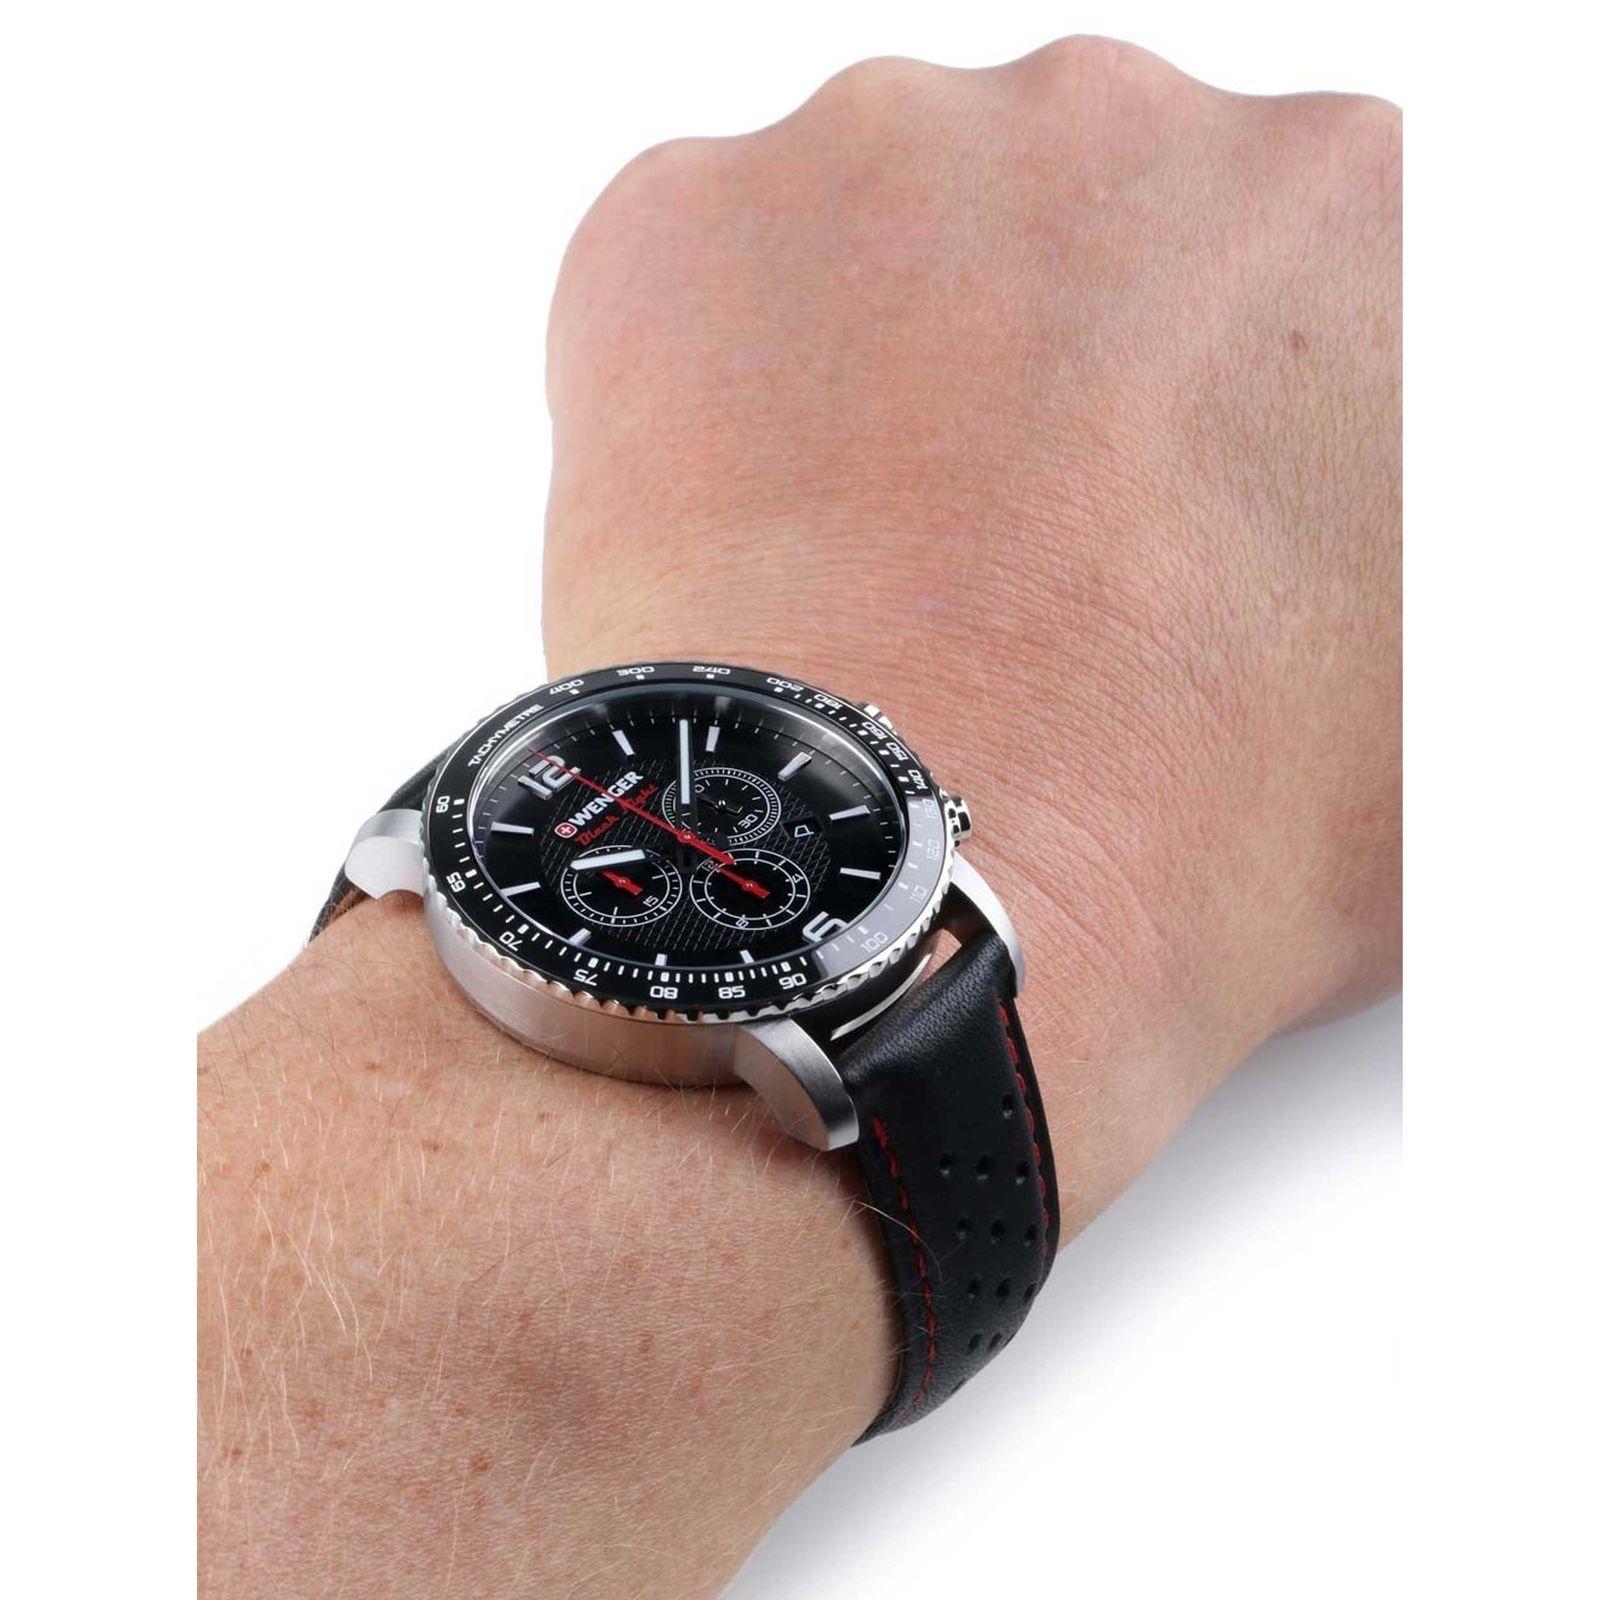 ساعت مچی عقربه ای مردانه ونگر مدل 01.1843.102 -  - 2